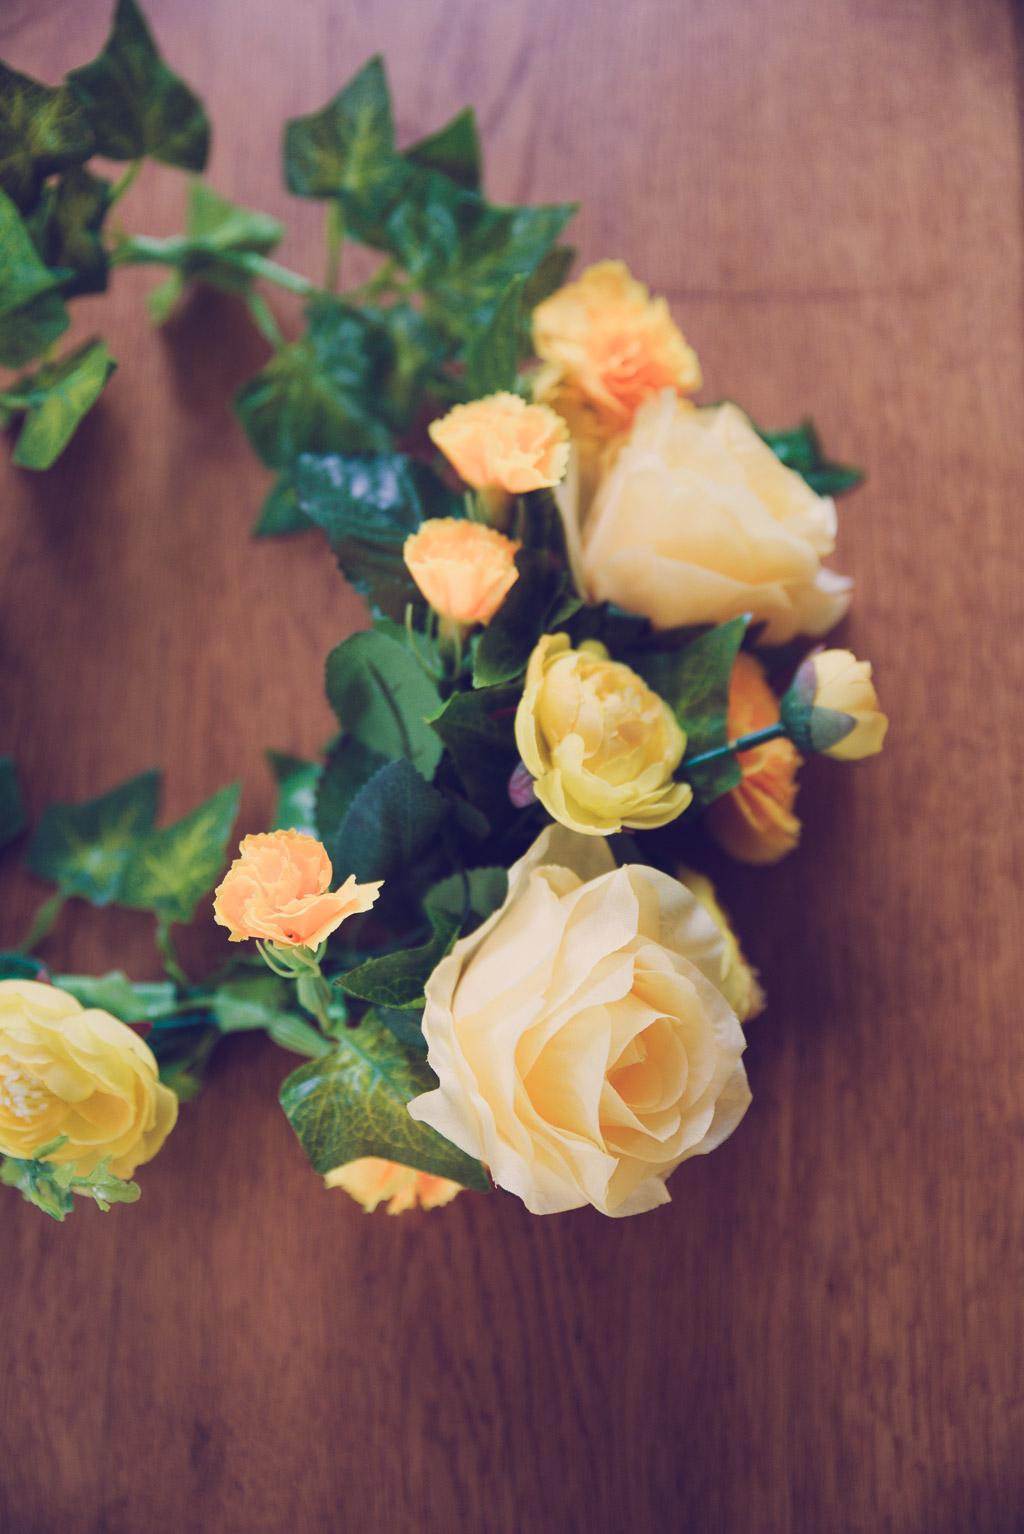 yellowlabflowerwreath (7 of 10).jpg